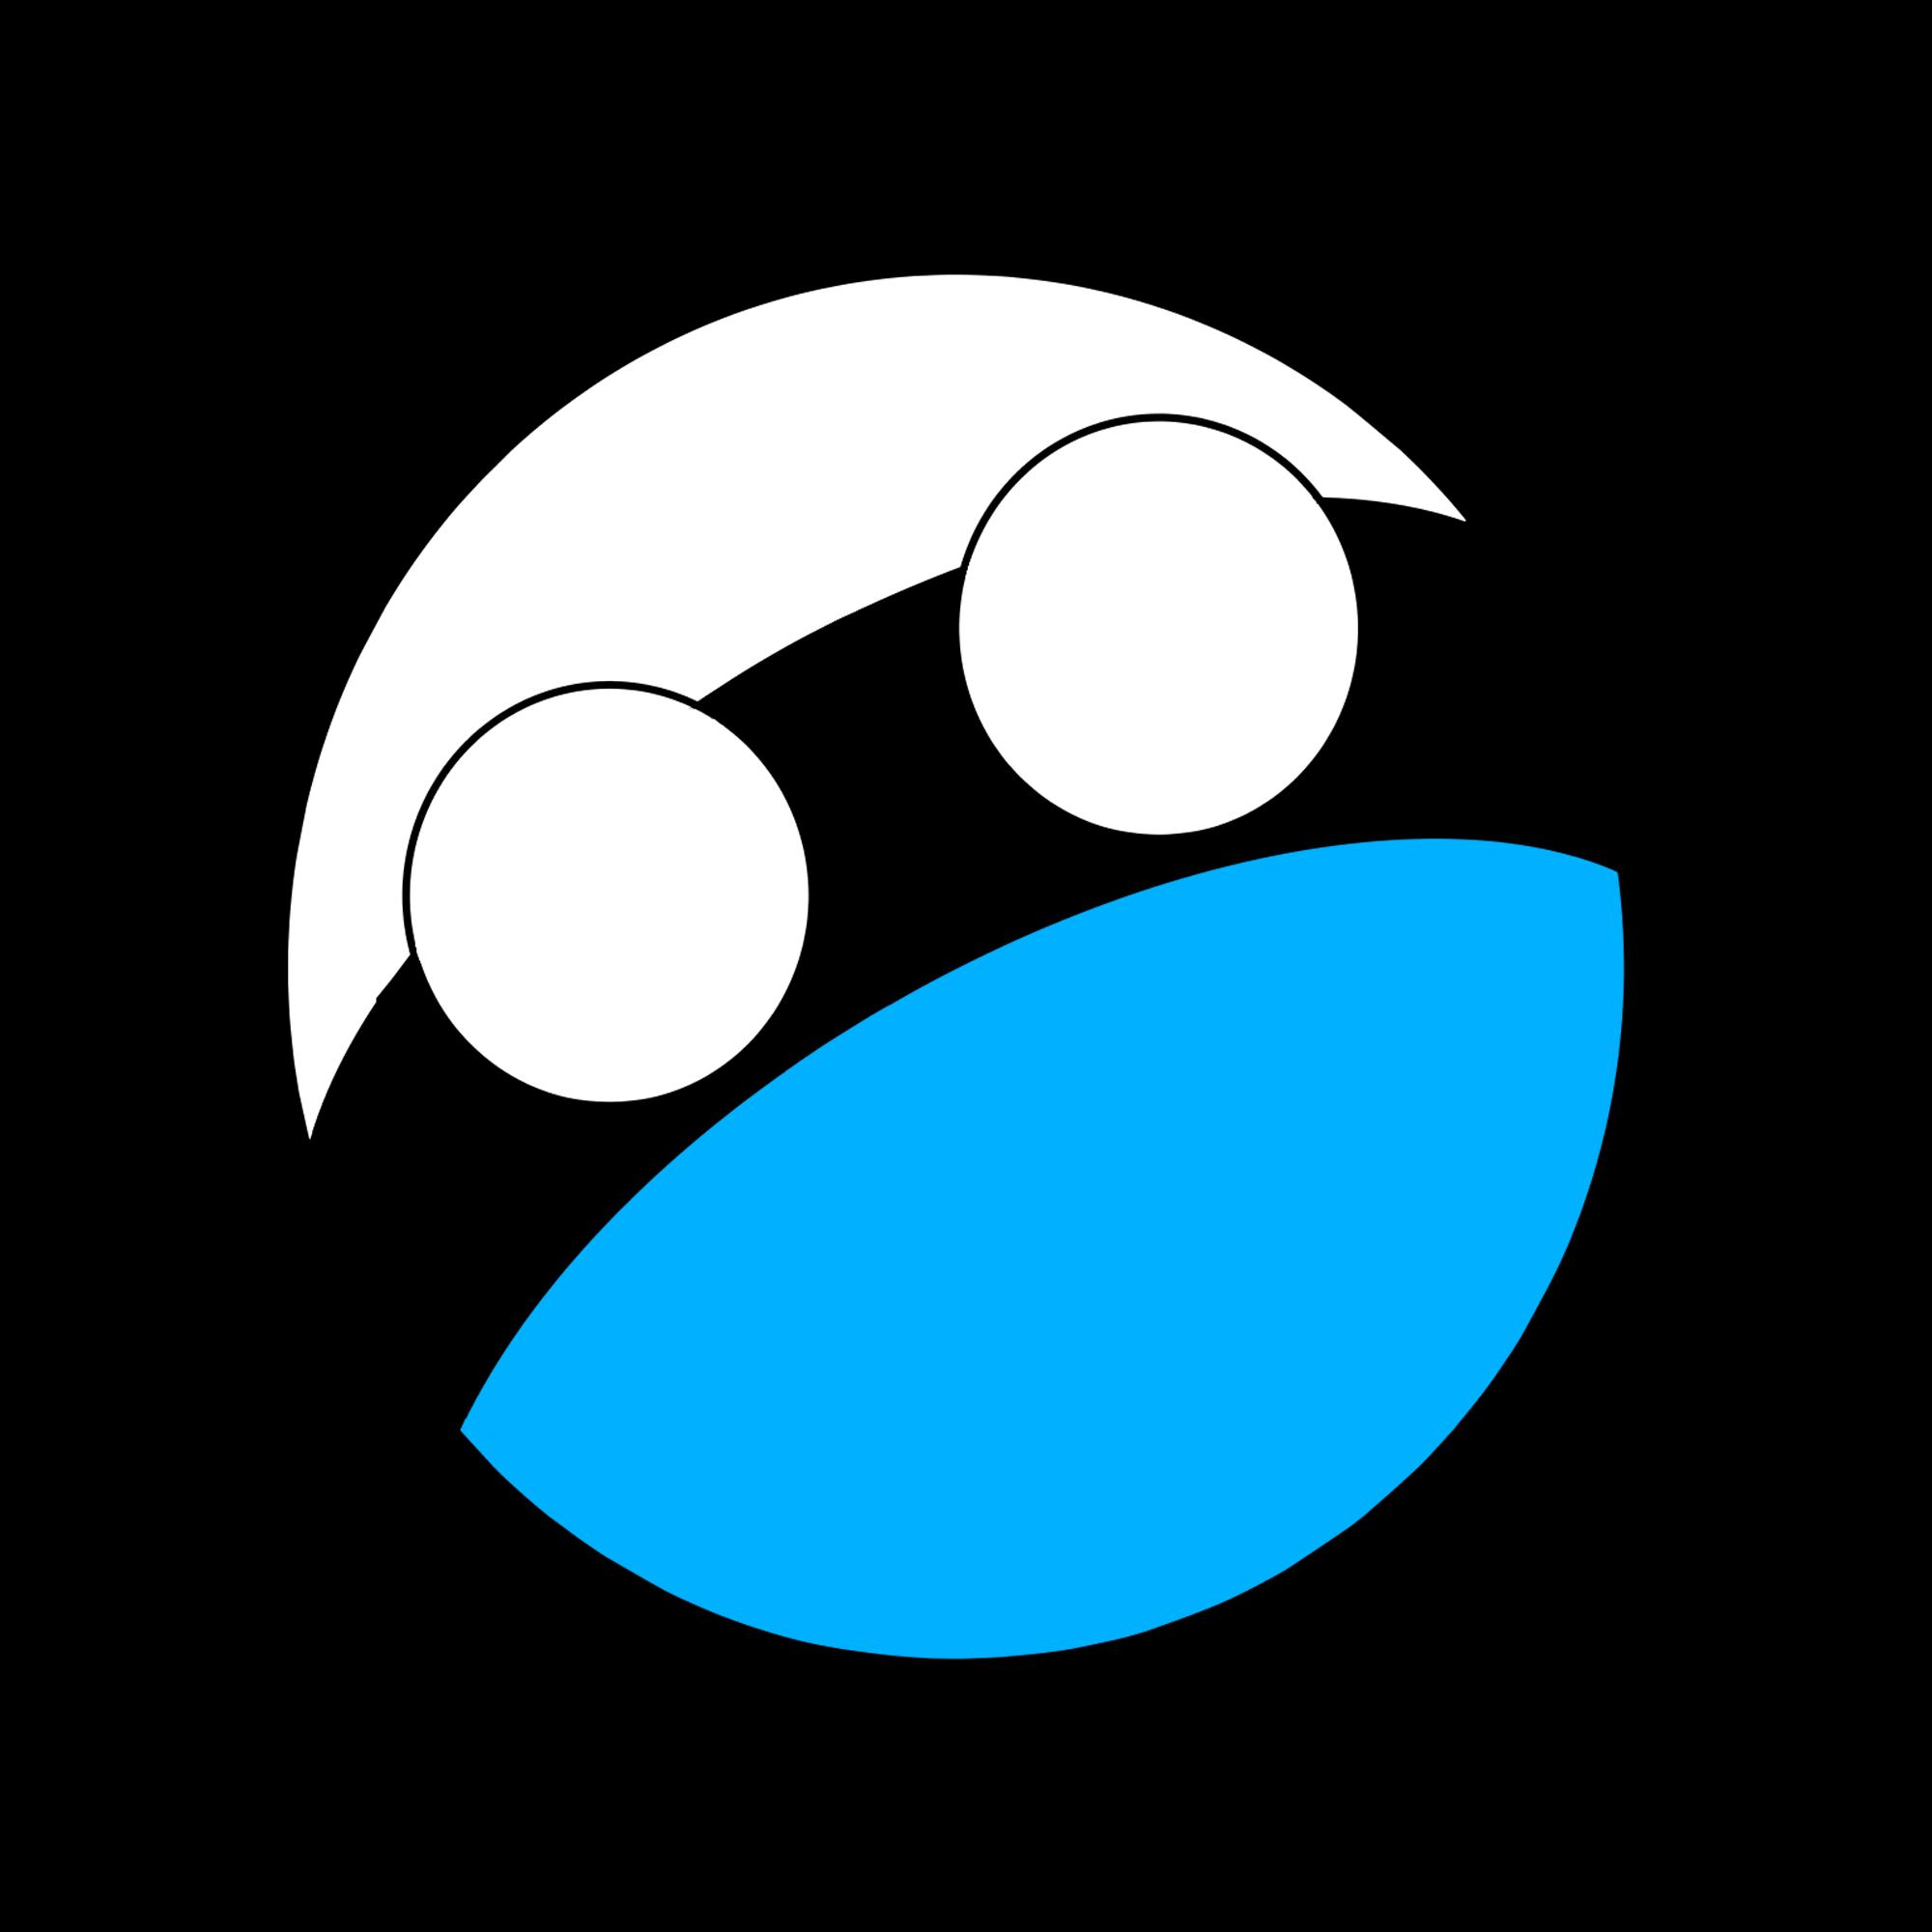 varishangout.com